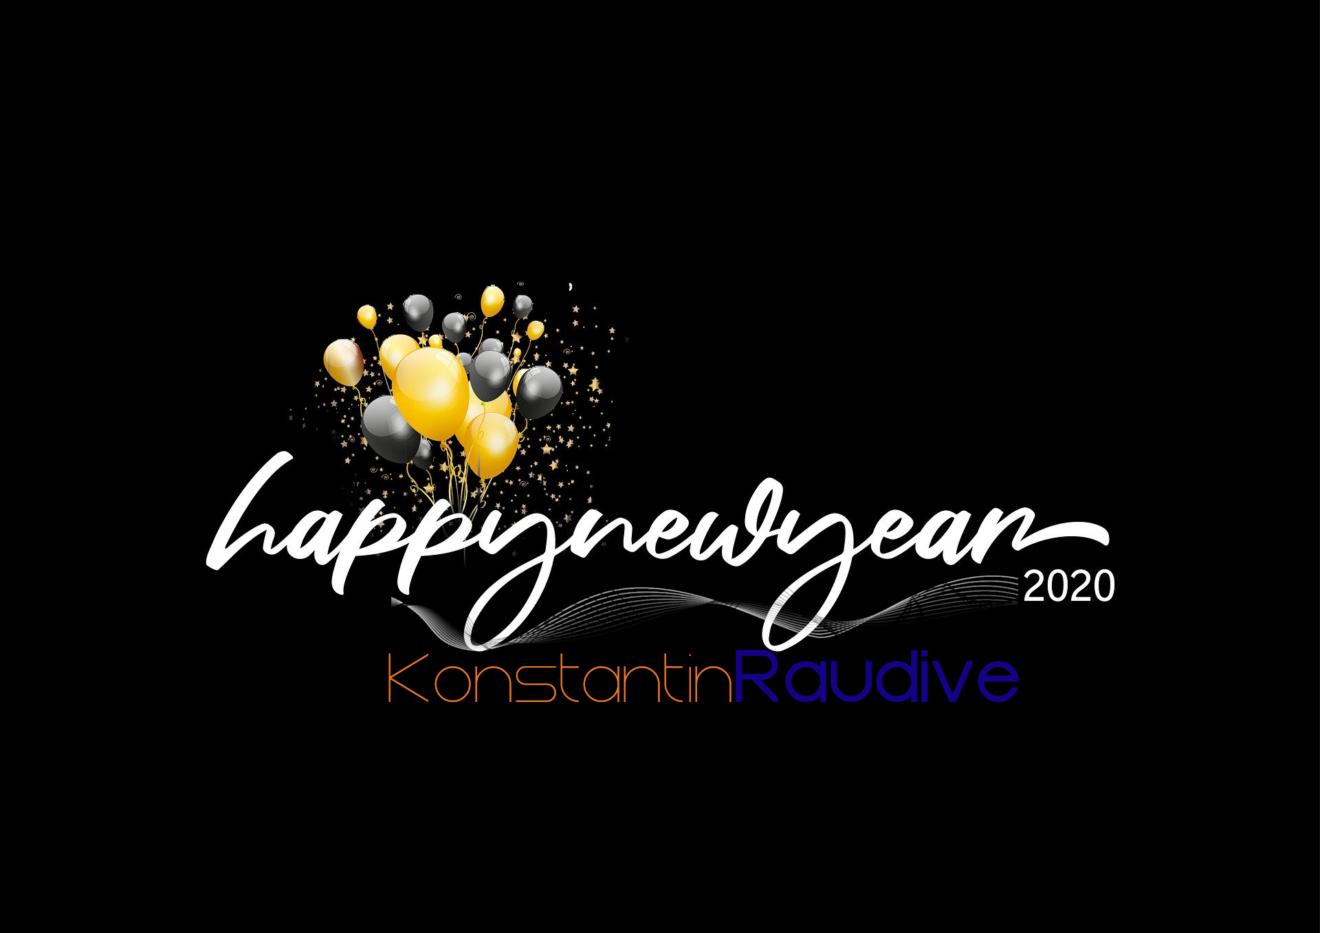 Guten Rutsch und frohes Jahr 2020!